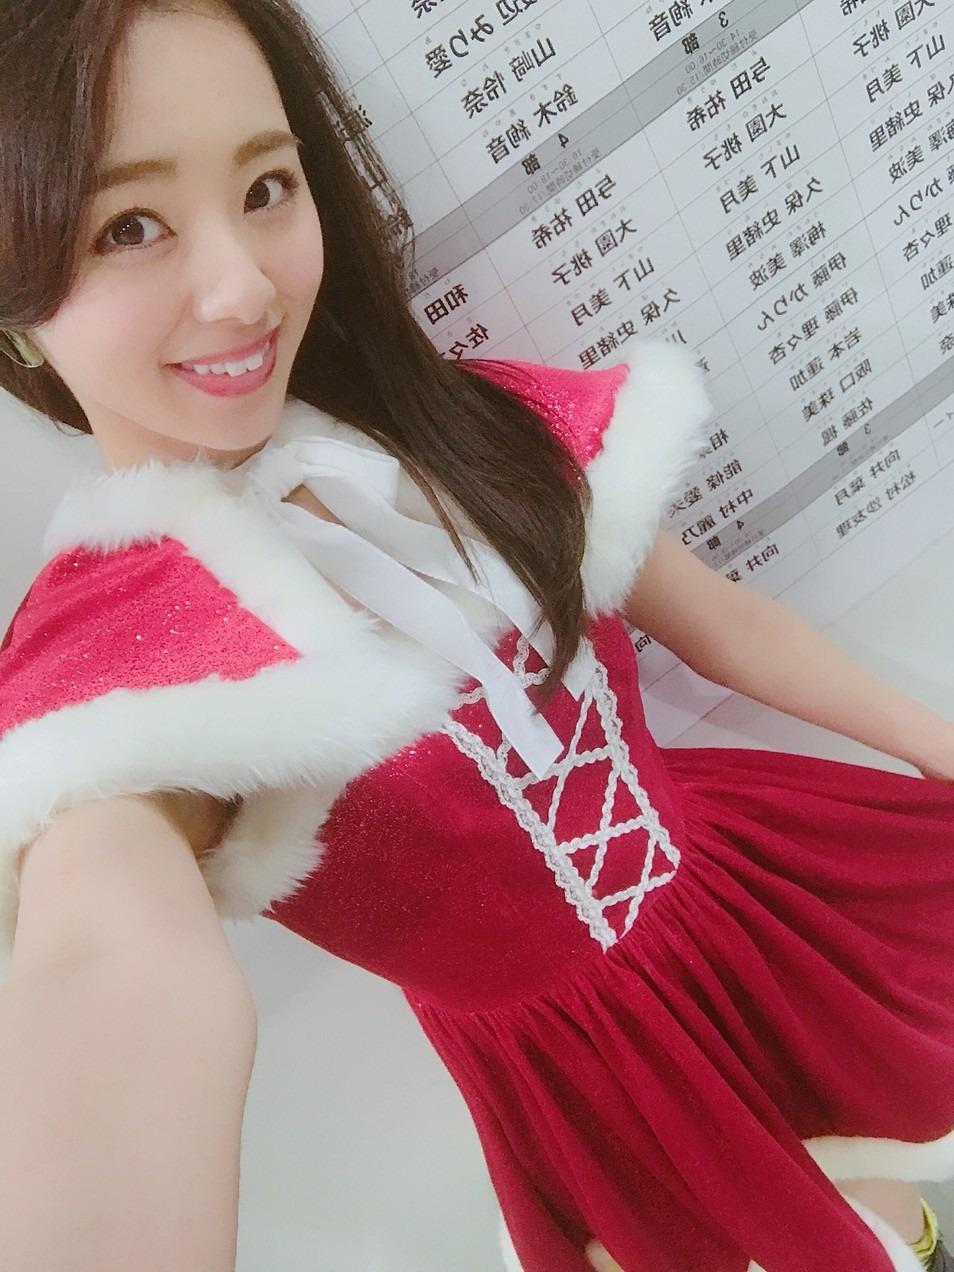 かわいい赤の衣装の川村真洋です。